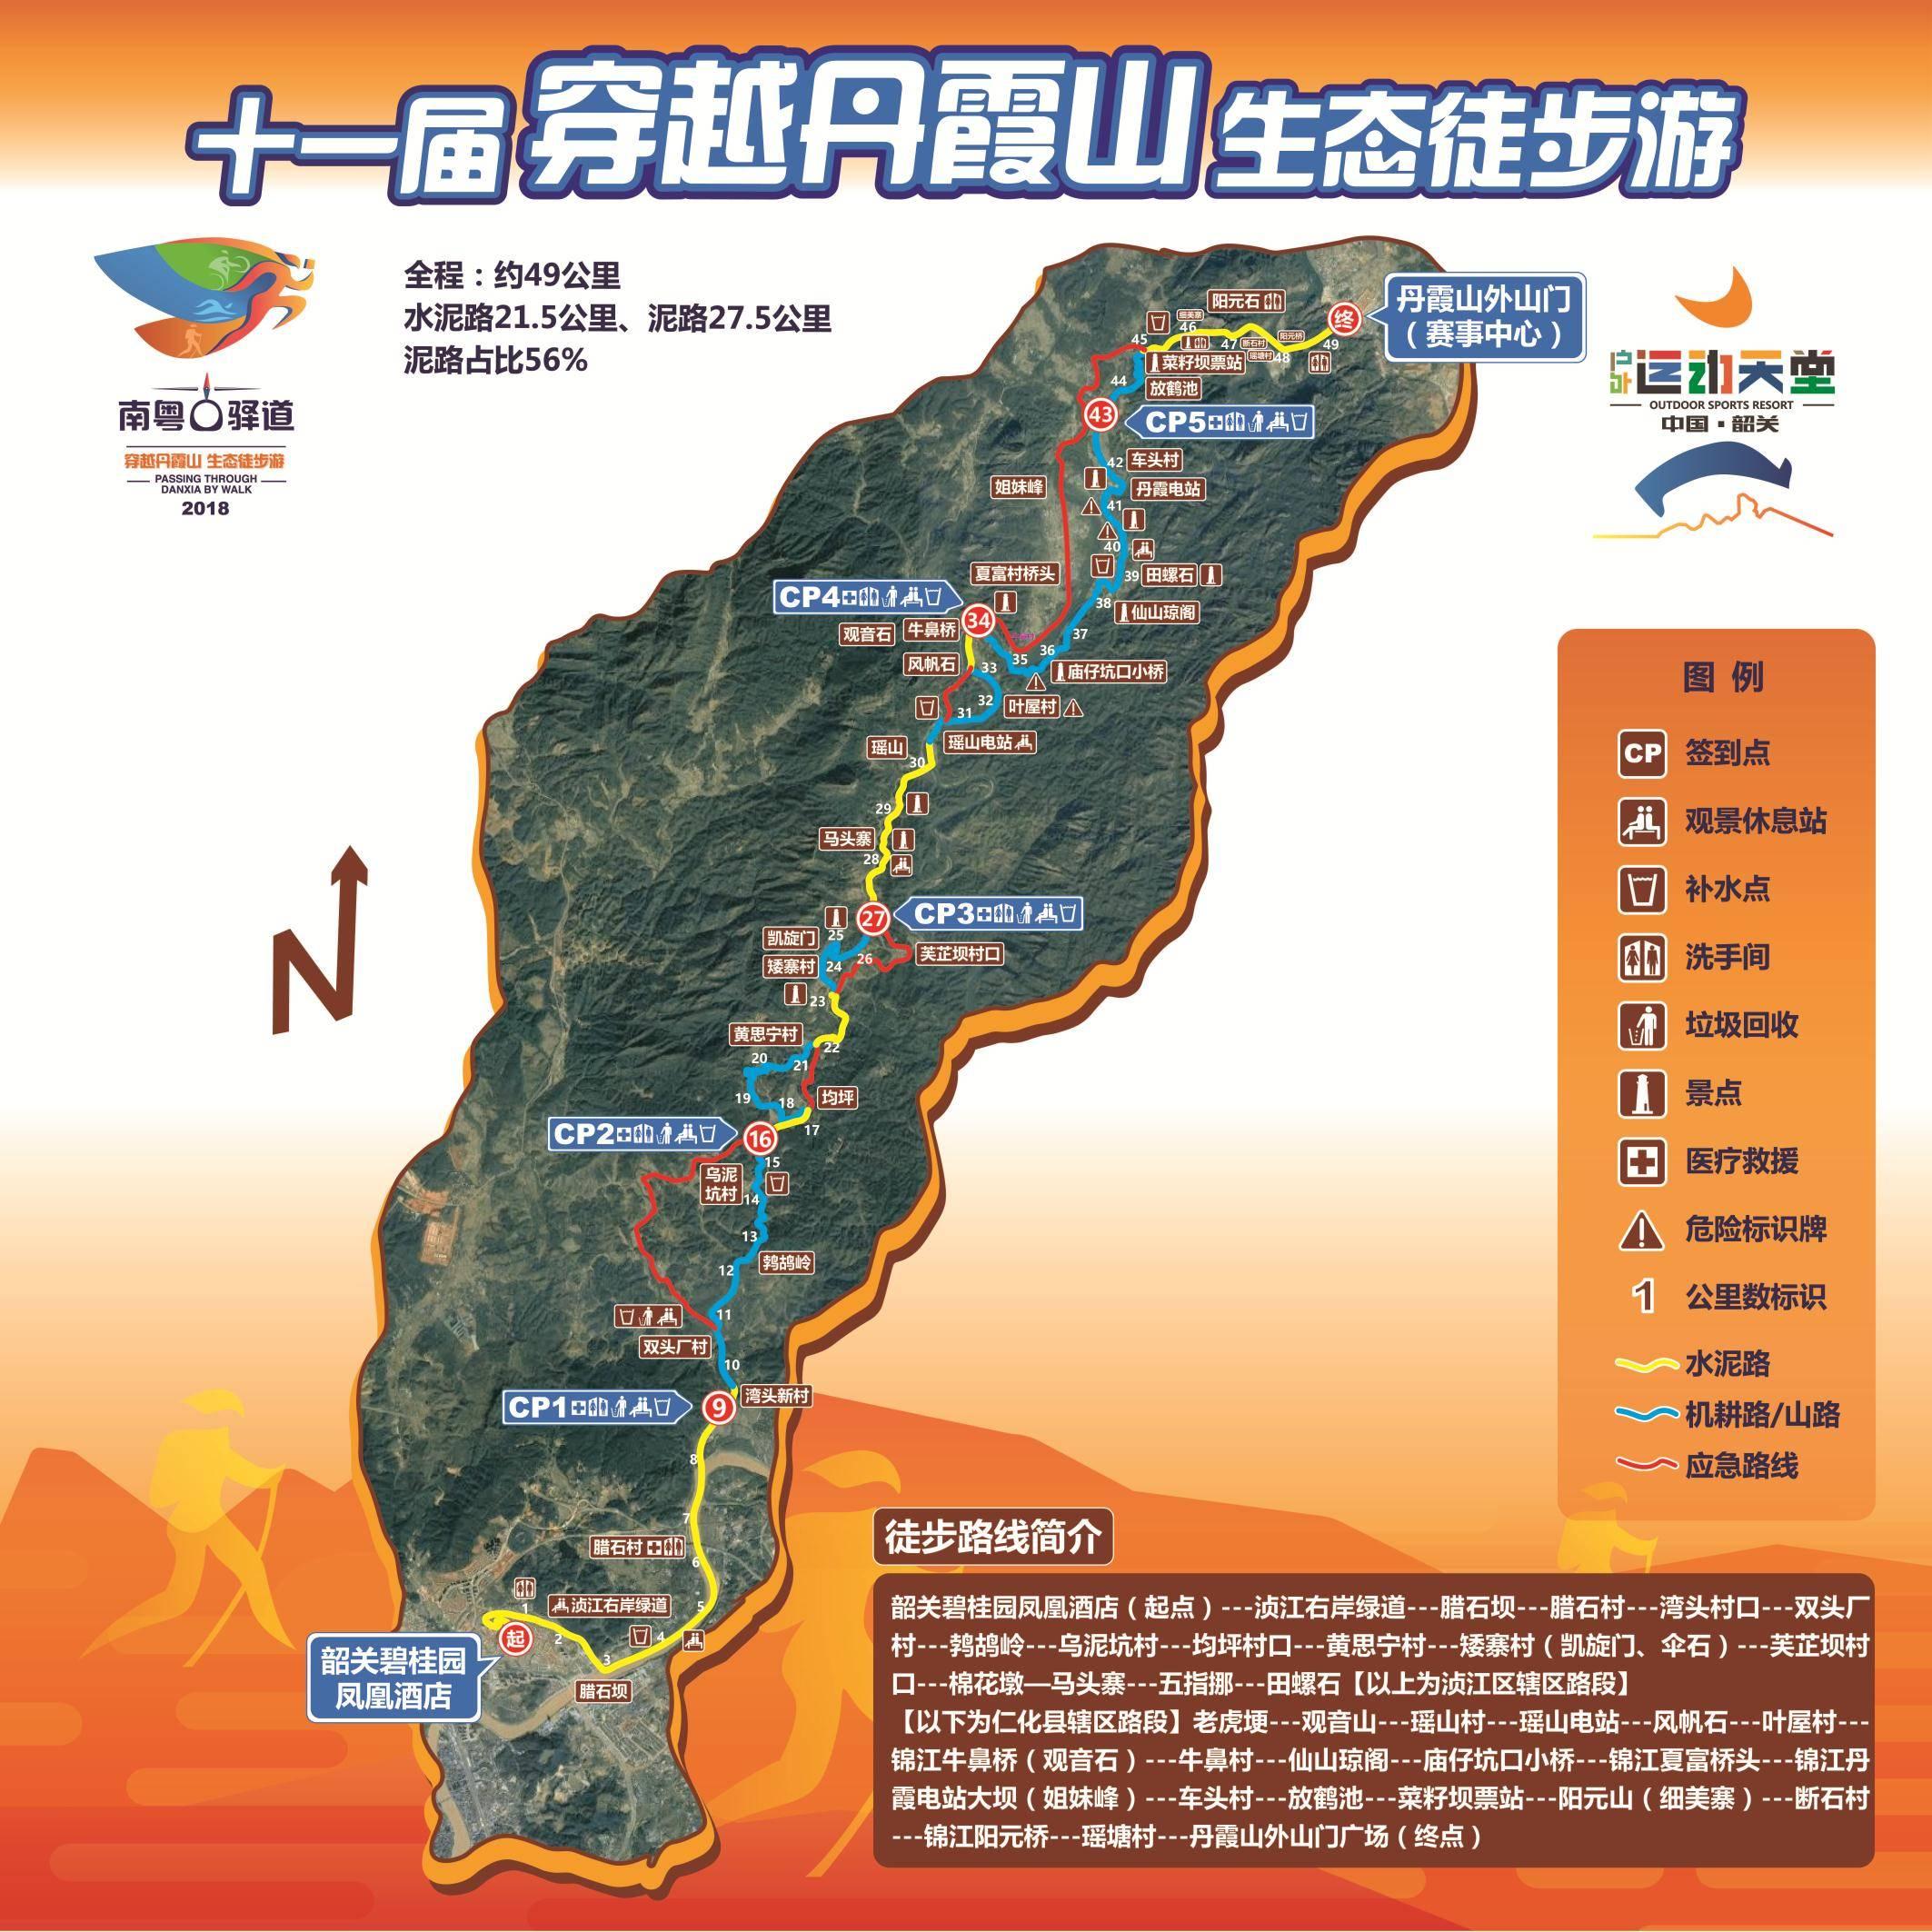 十一届地图.jpg